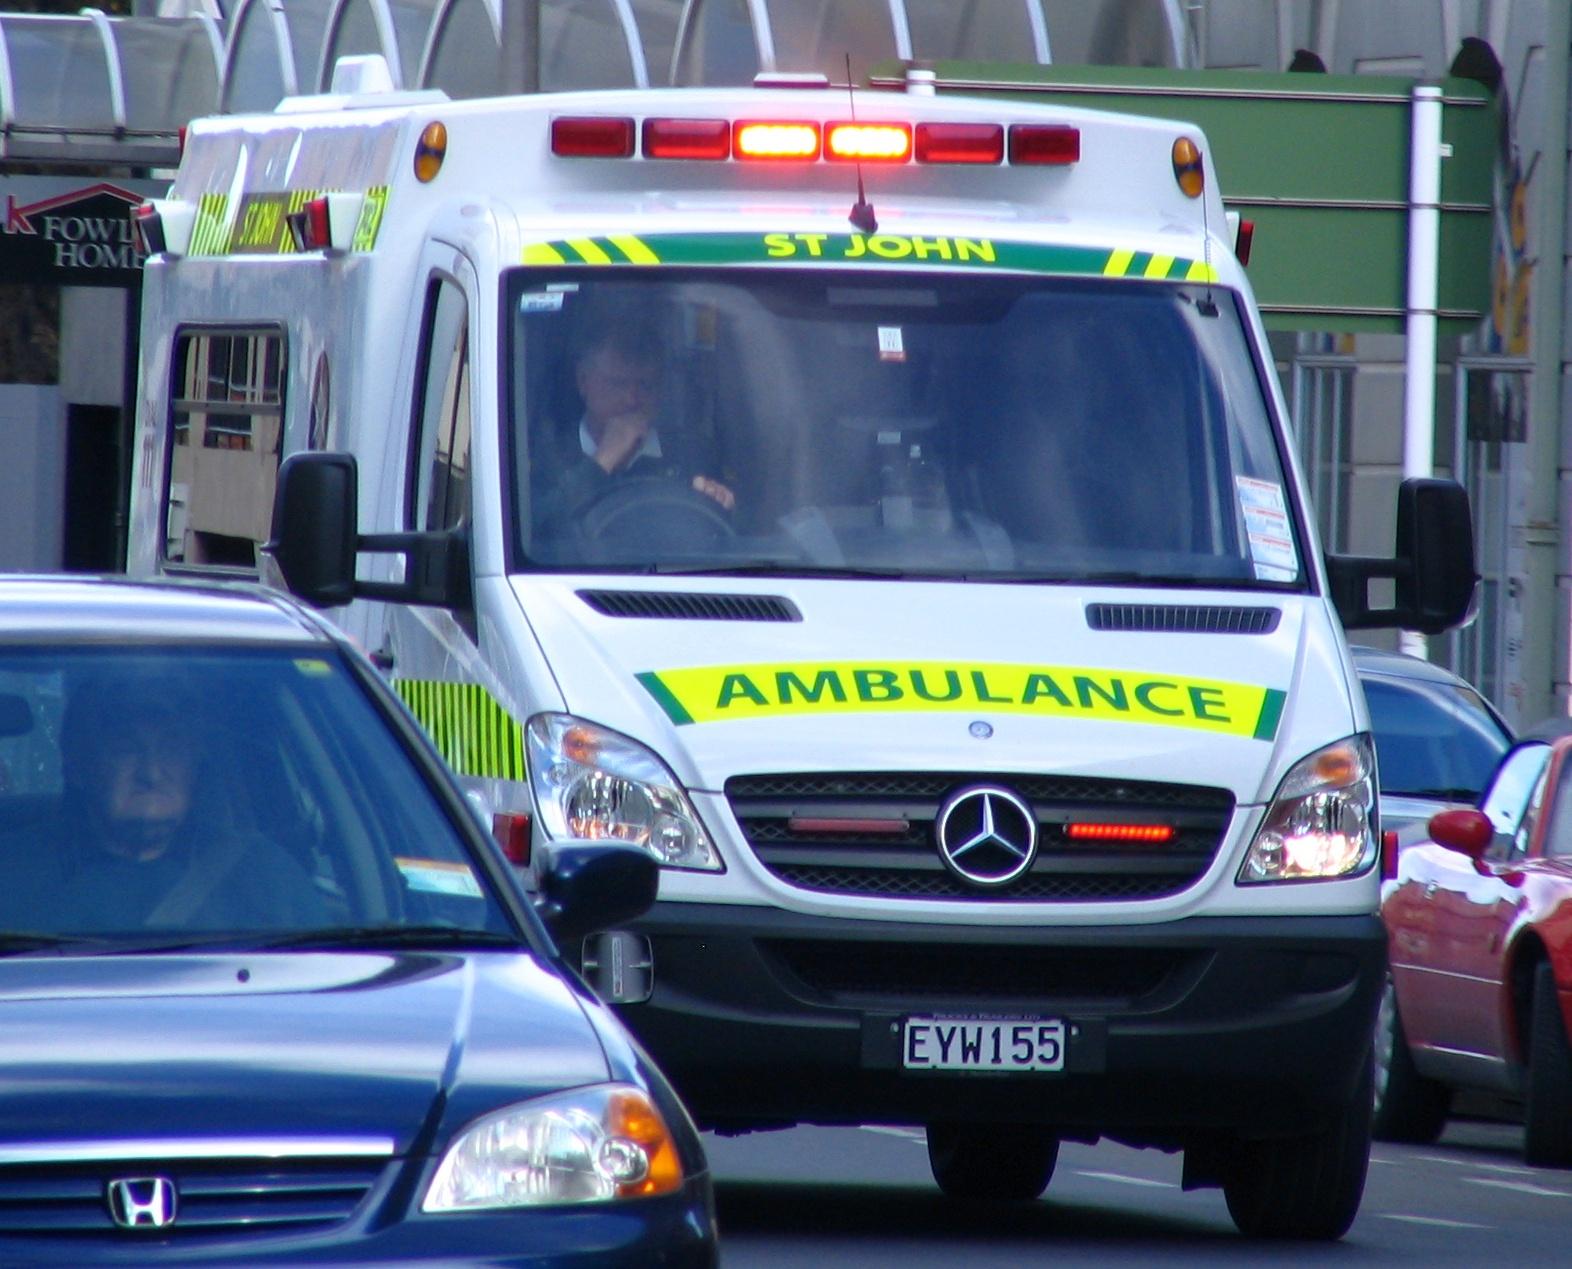 لماذا تكتب كلمة إسعاف مقلوبة على سيارات الإسعاف